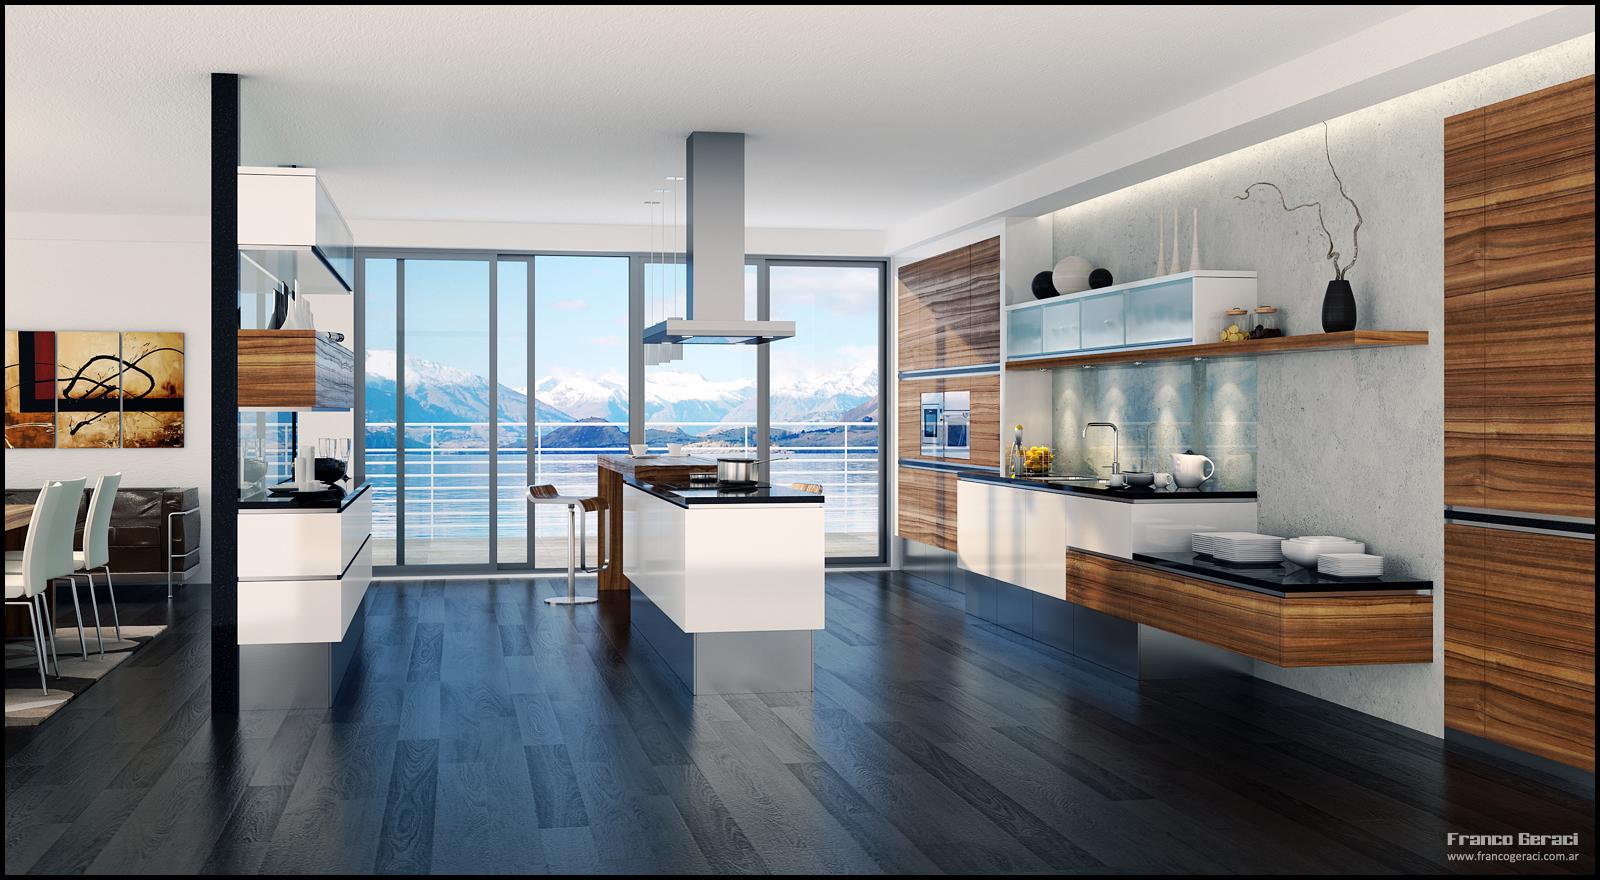 modern kitchen modern kitchen designs 18 best images about Modern Kitchen on Pinterest Post and beam Contemporary modern kitchens and Modern kitchens